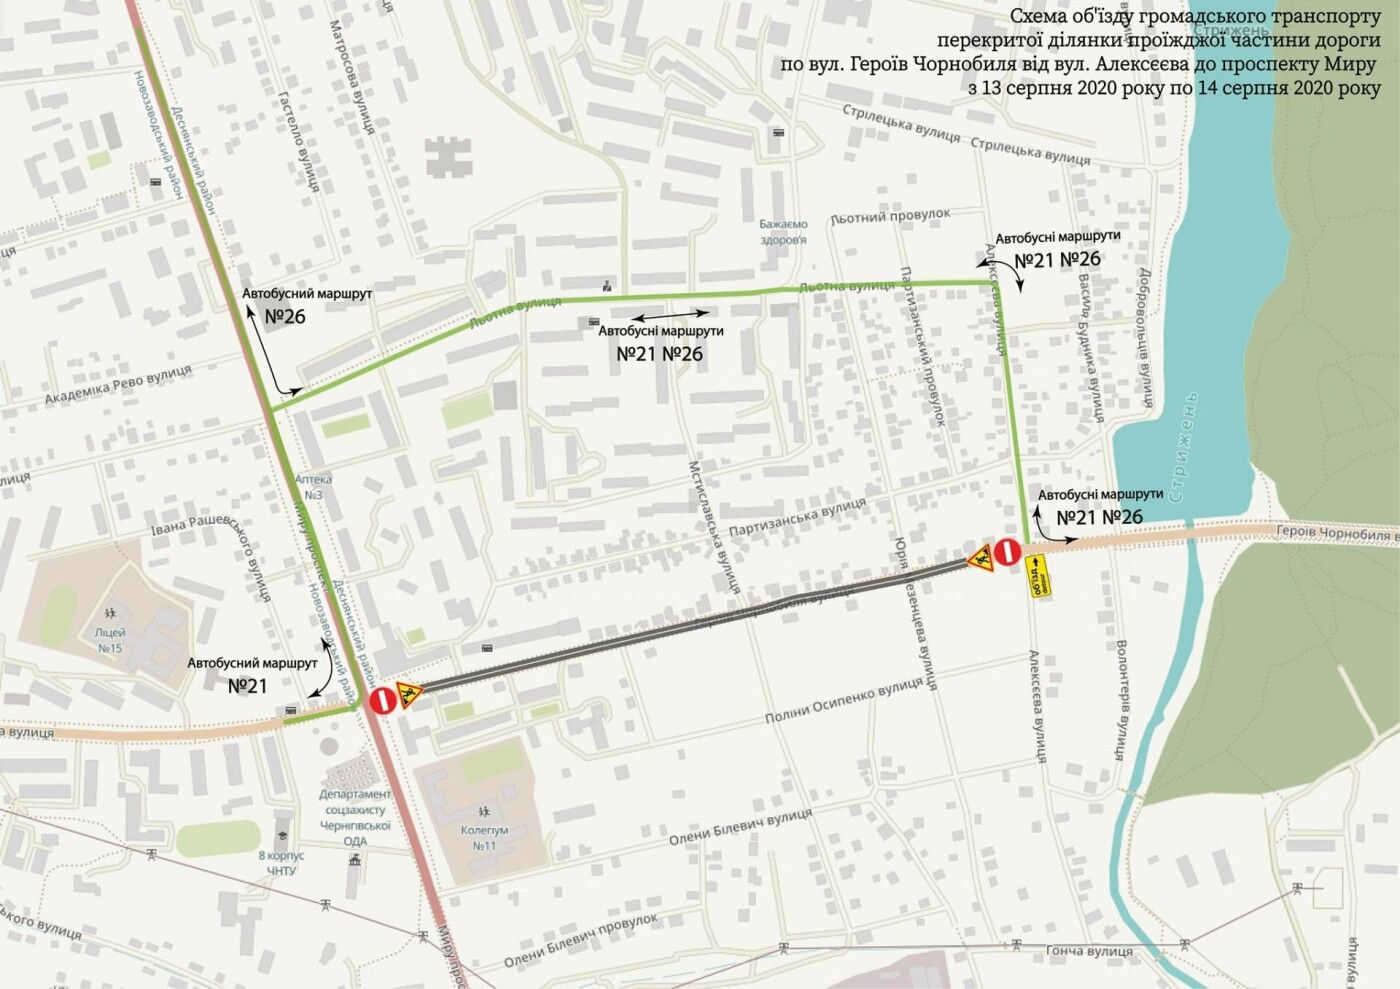 Тиждень перекриття вулиць у Чернігові: як змінив рух громадський транспорт (СХЕМА), фото-3